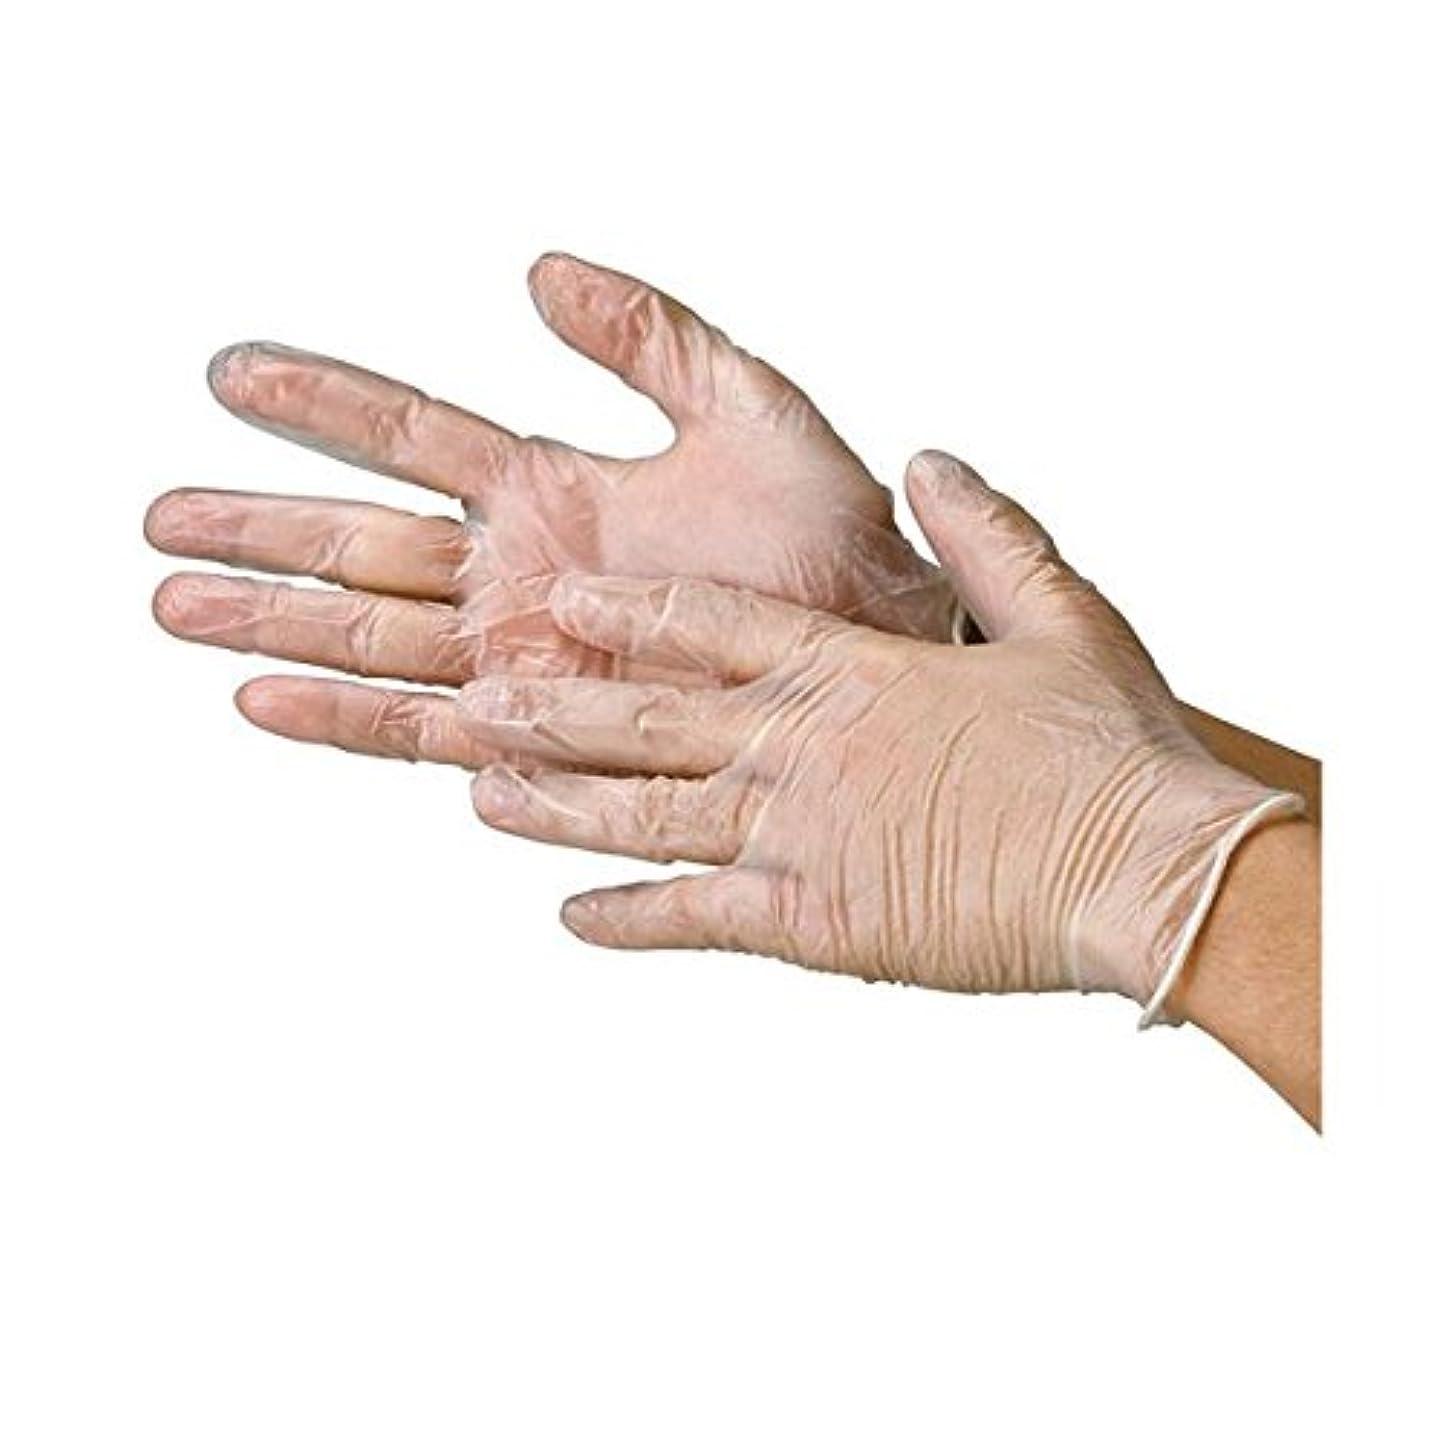 晴れスペース確立川西工業 ビニール極薄手袋 粉なし S 20箱 ダイエット 健康 衛生用品 その他の衛生用品 14067381 [並行輸入品]